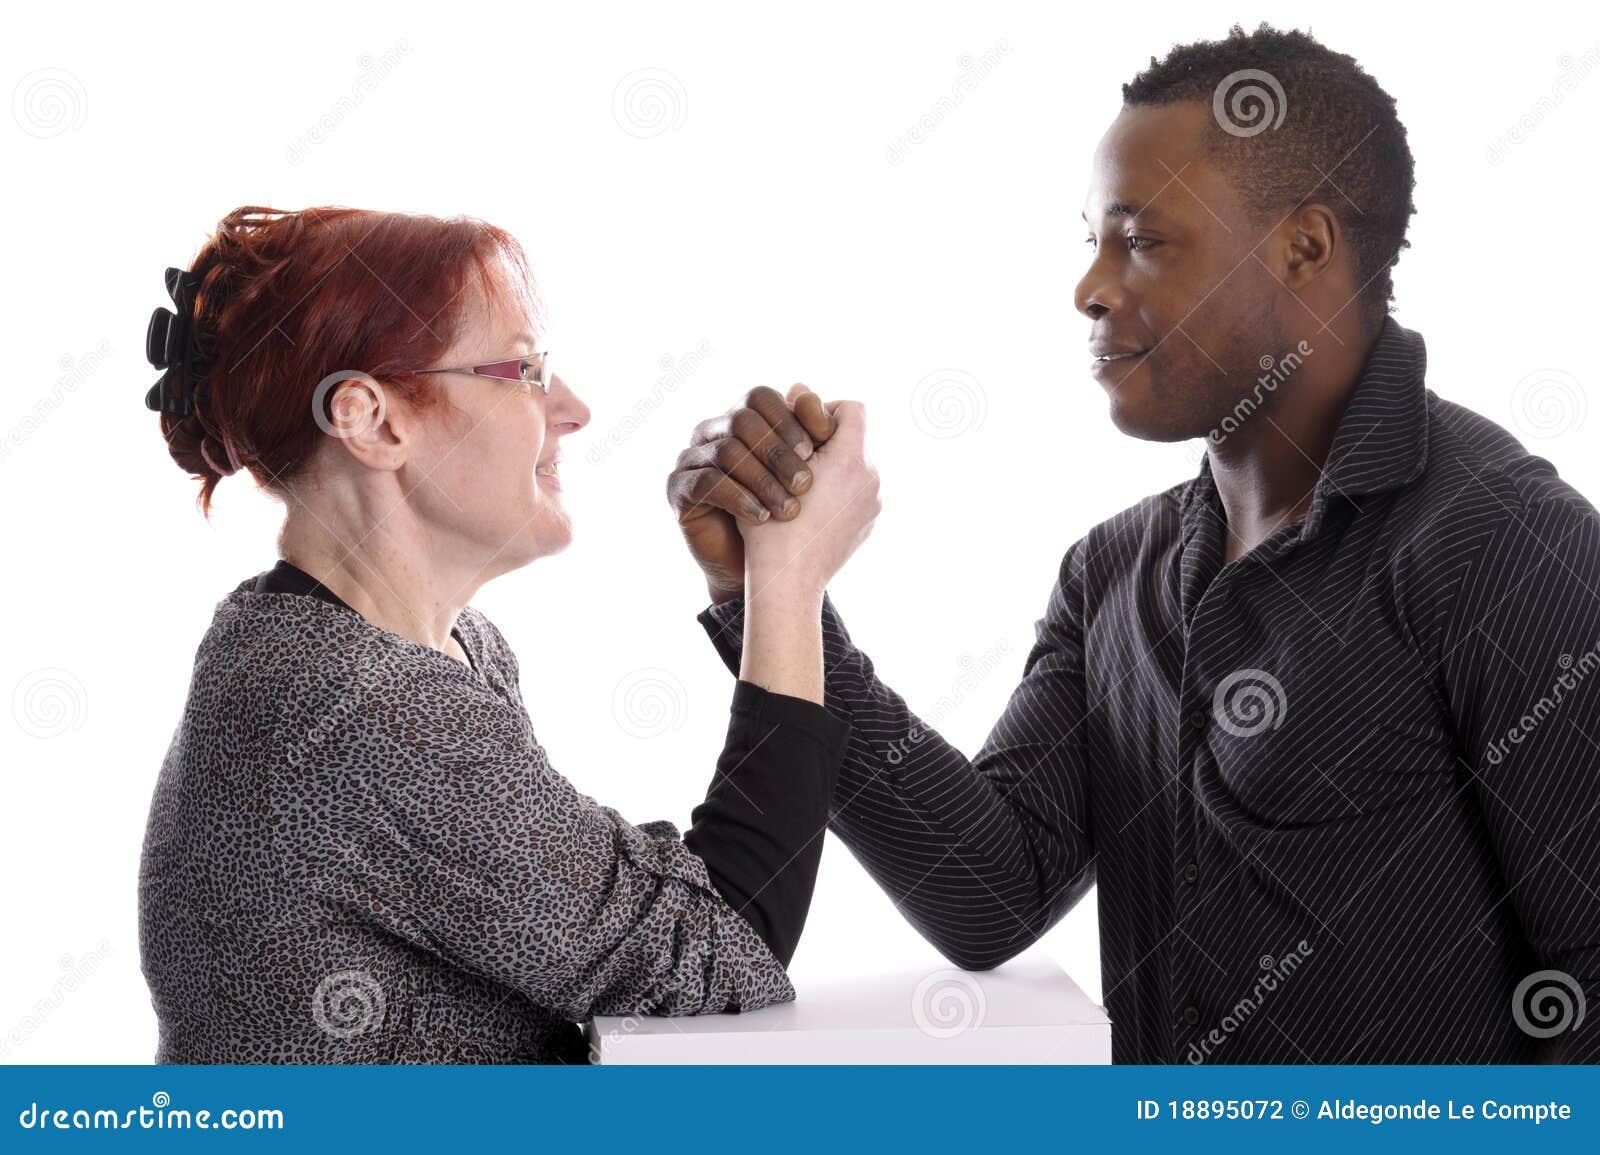 Sexo vídeo de la mujer blanca y un hombre negro -